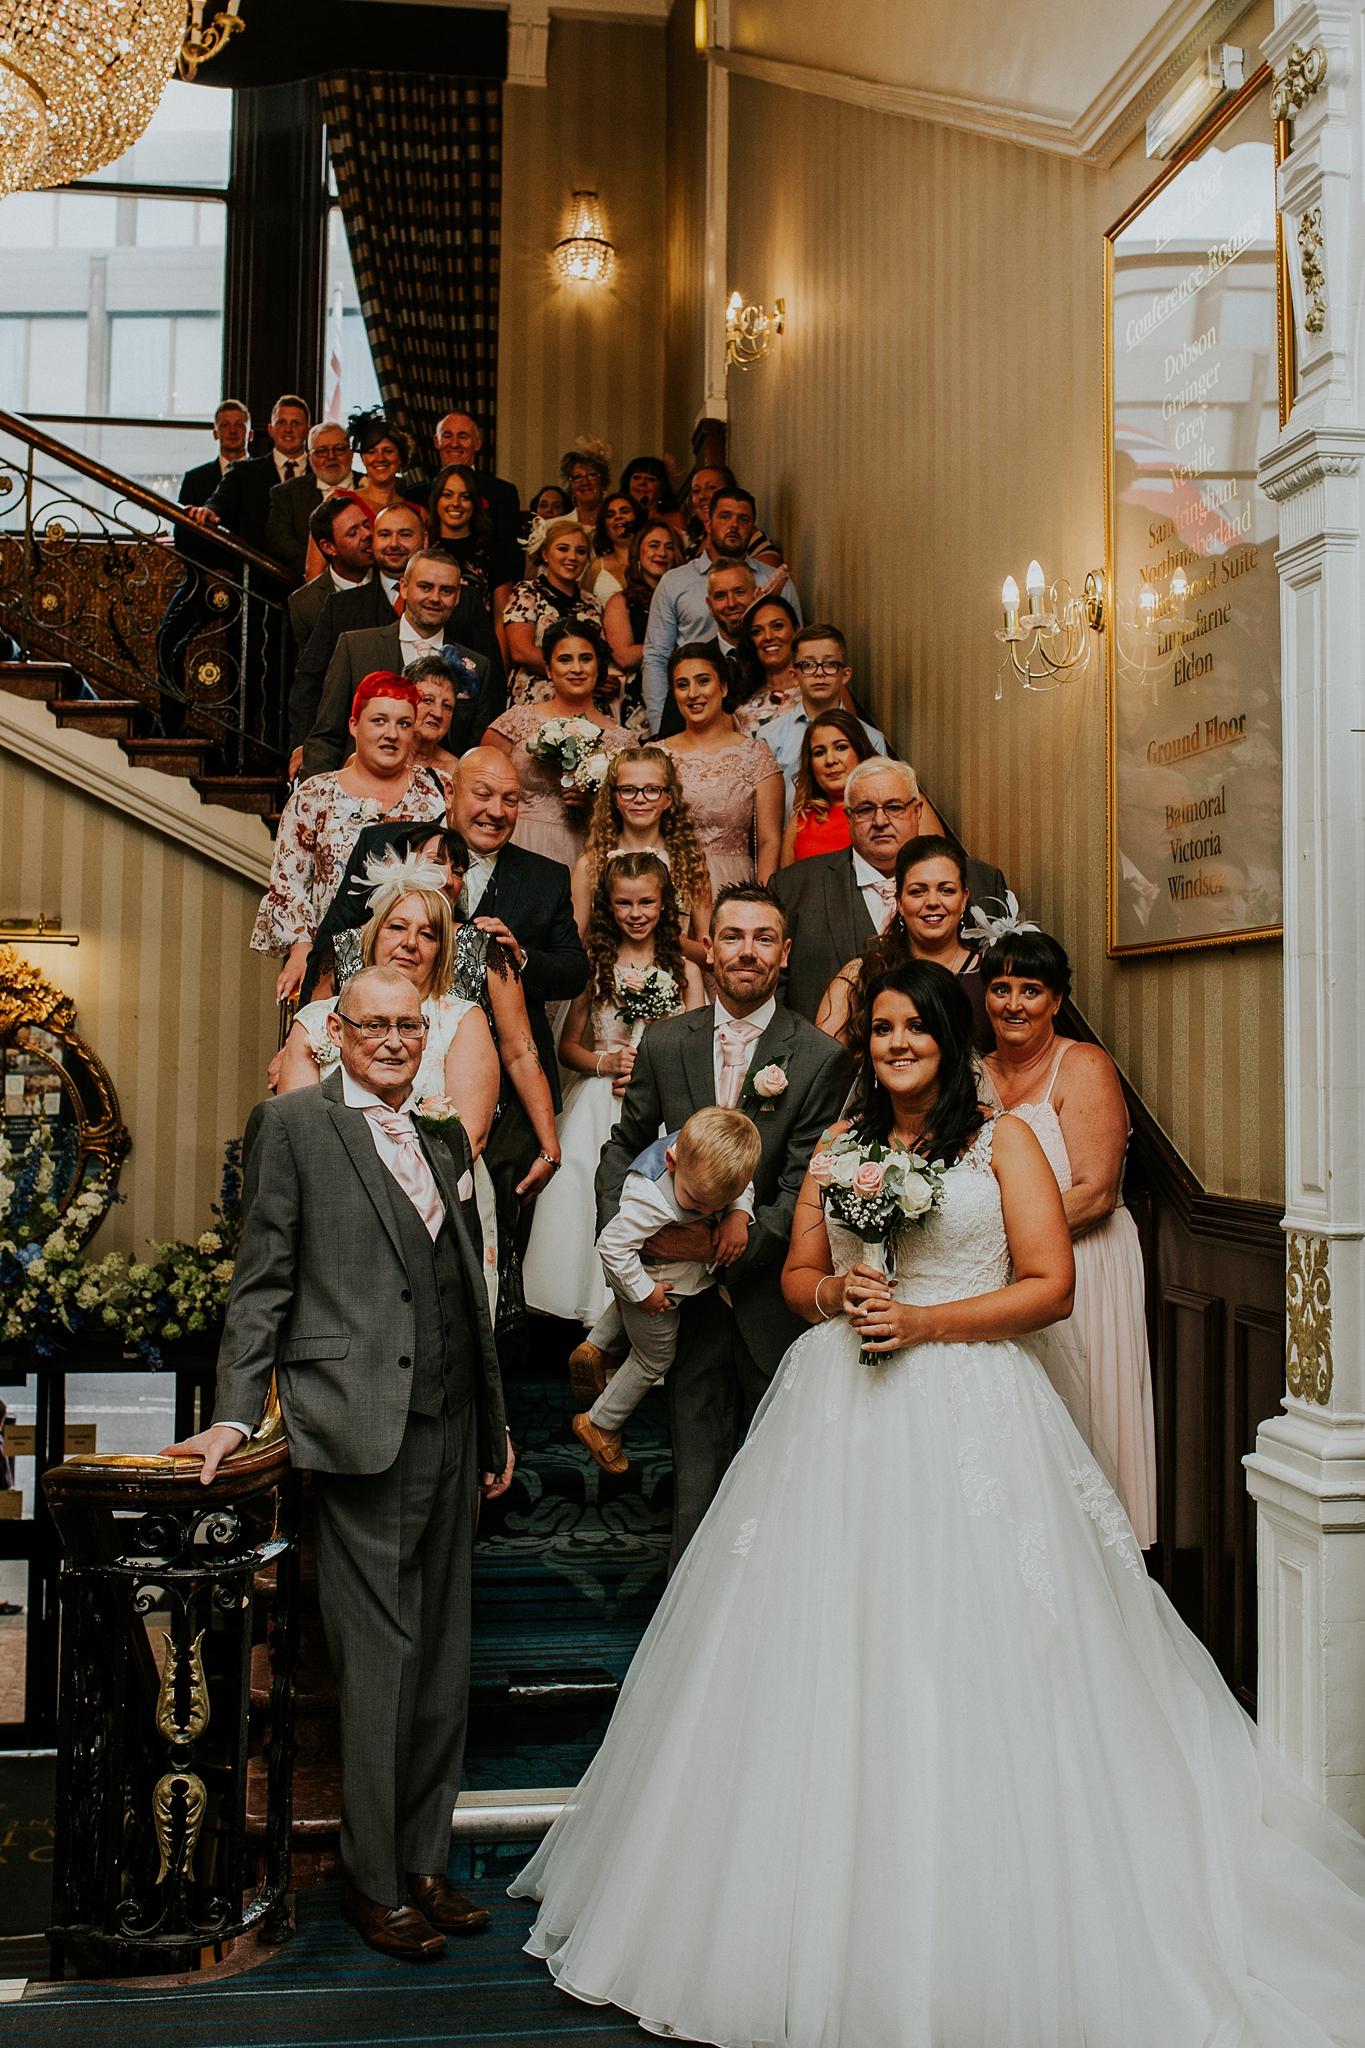 newcastle_upon_tyne_wedding_photographer-25.JPG